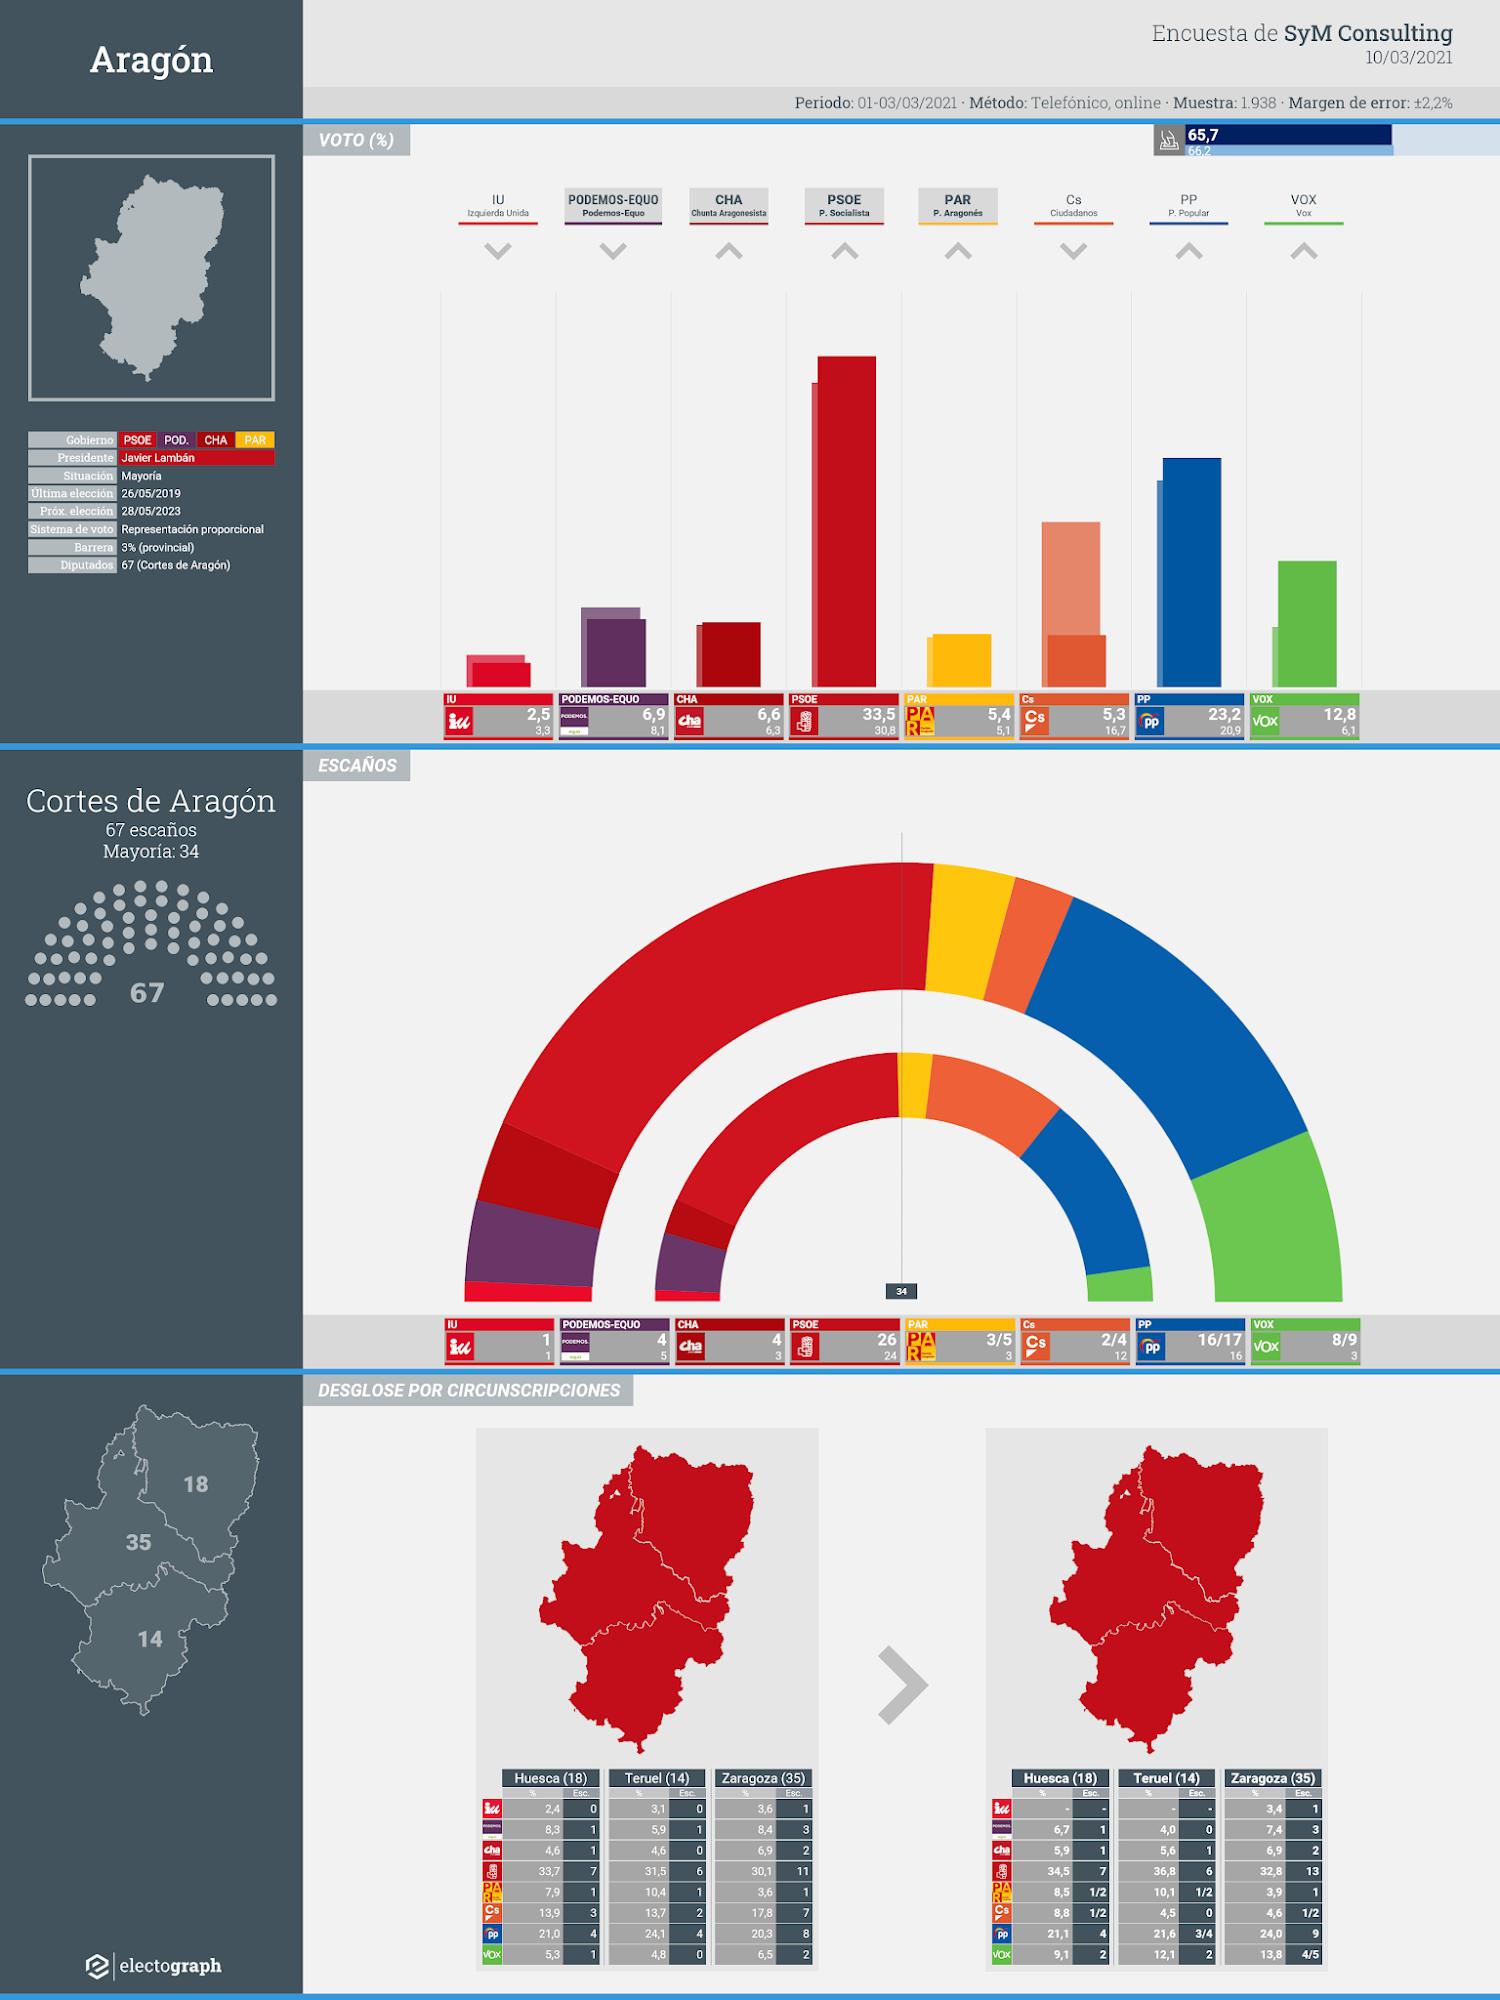 Gráfico de la encuesta para elecciones autonómicas en Aragón realizada por SyM Consulting, 10 de marzo de 2021